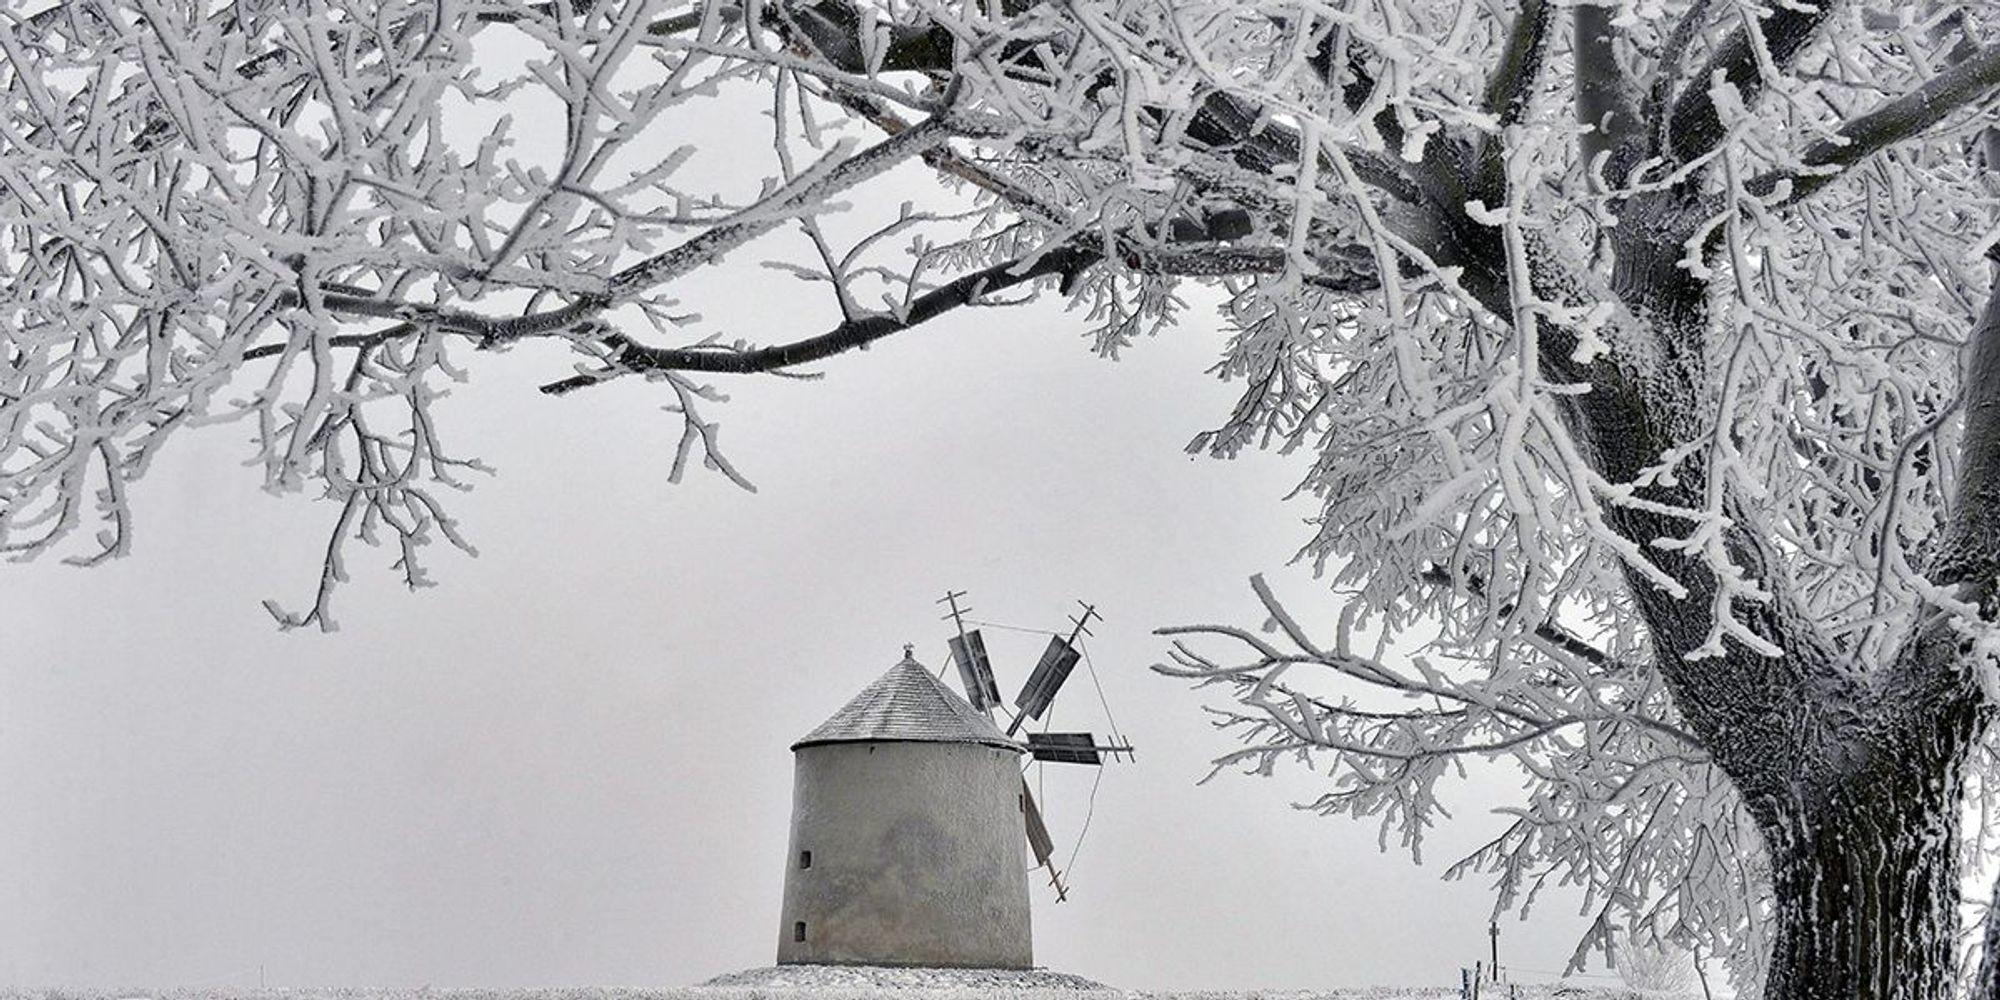 Le foto più belle della settimana - 1/8 gennaio